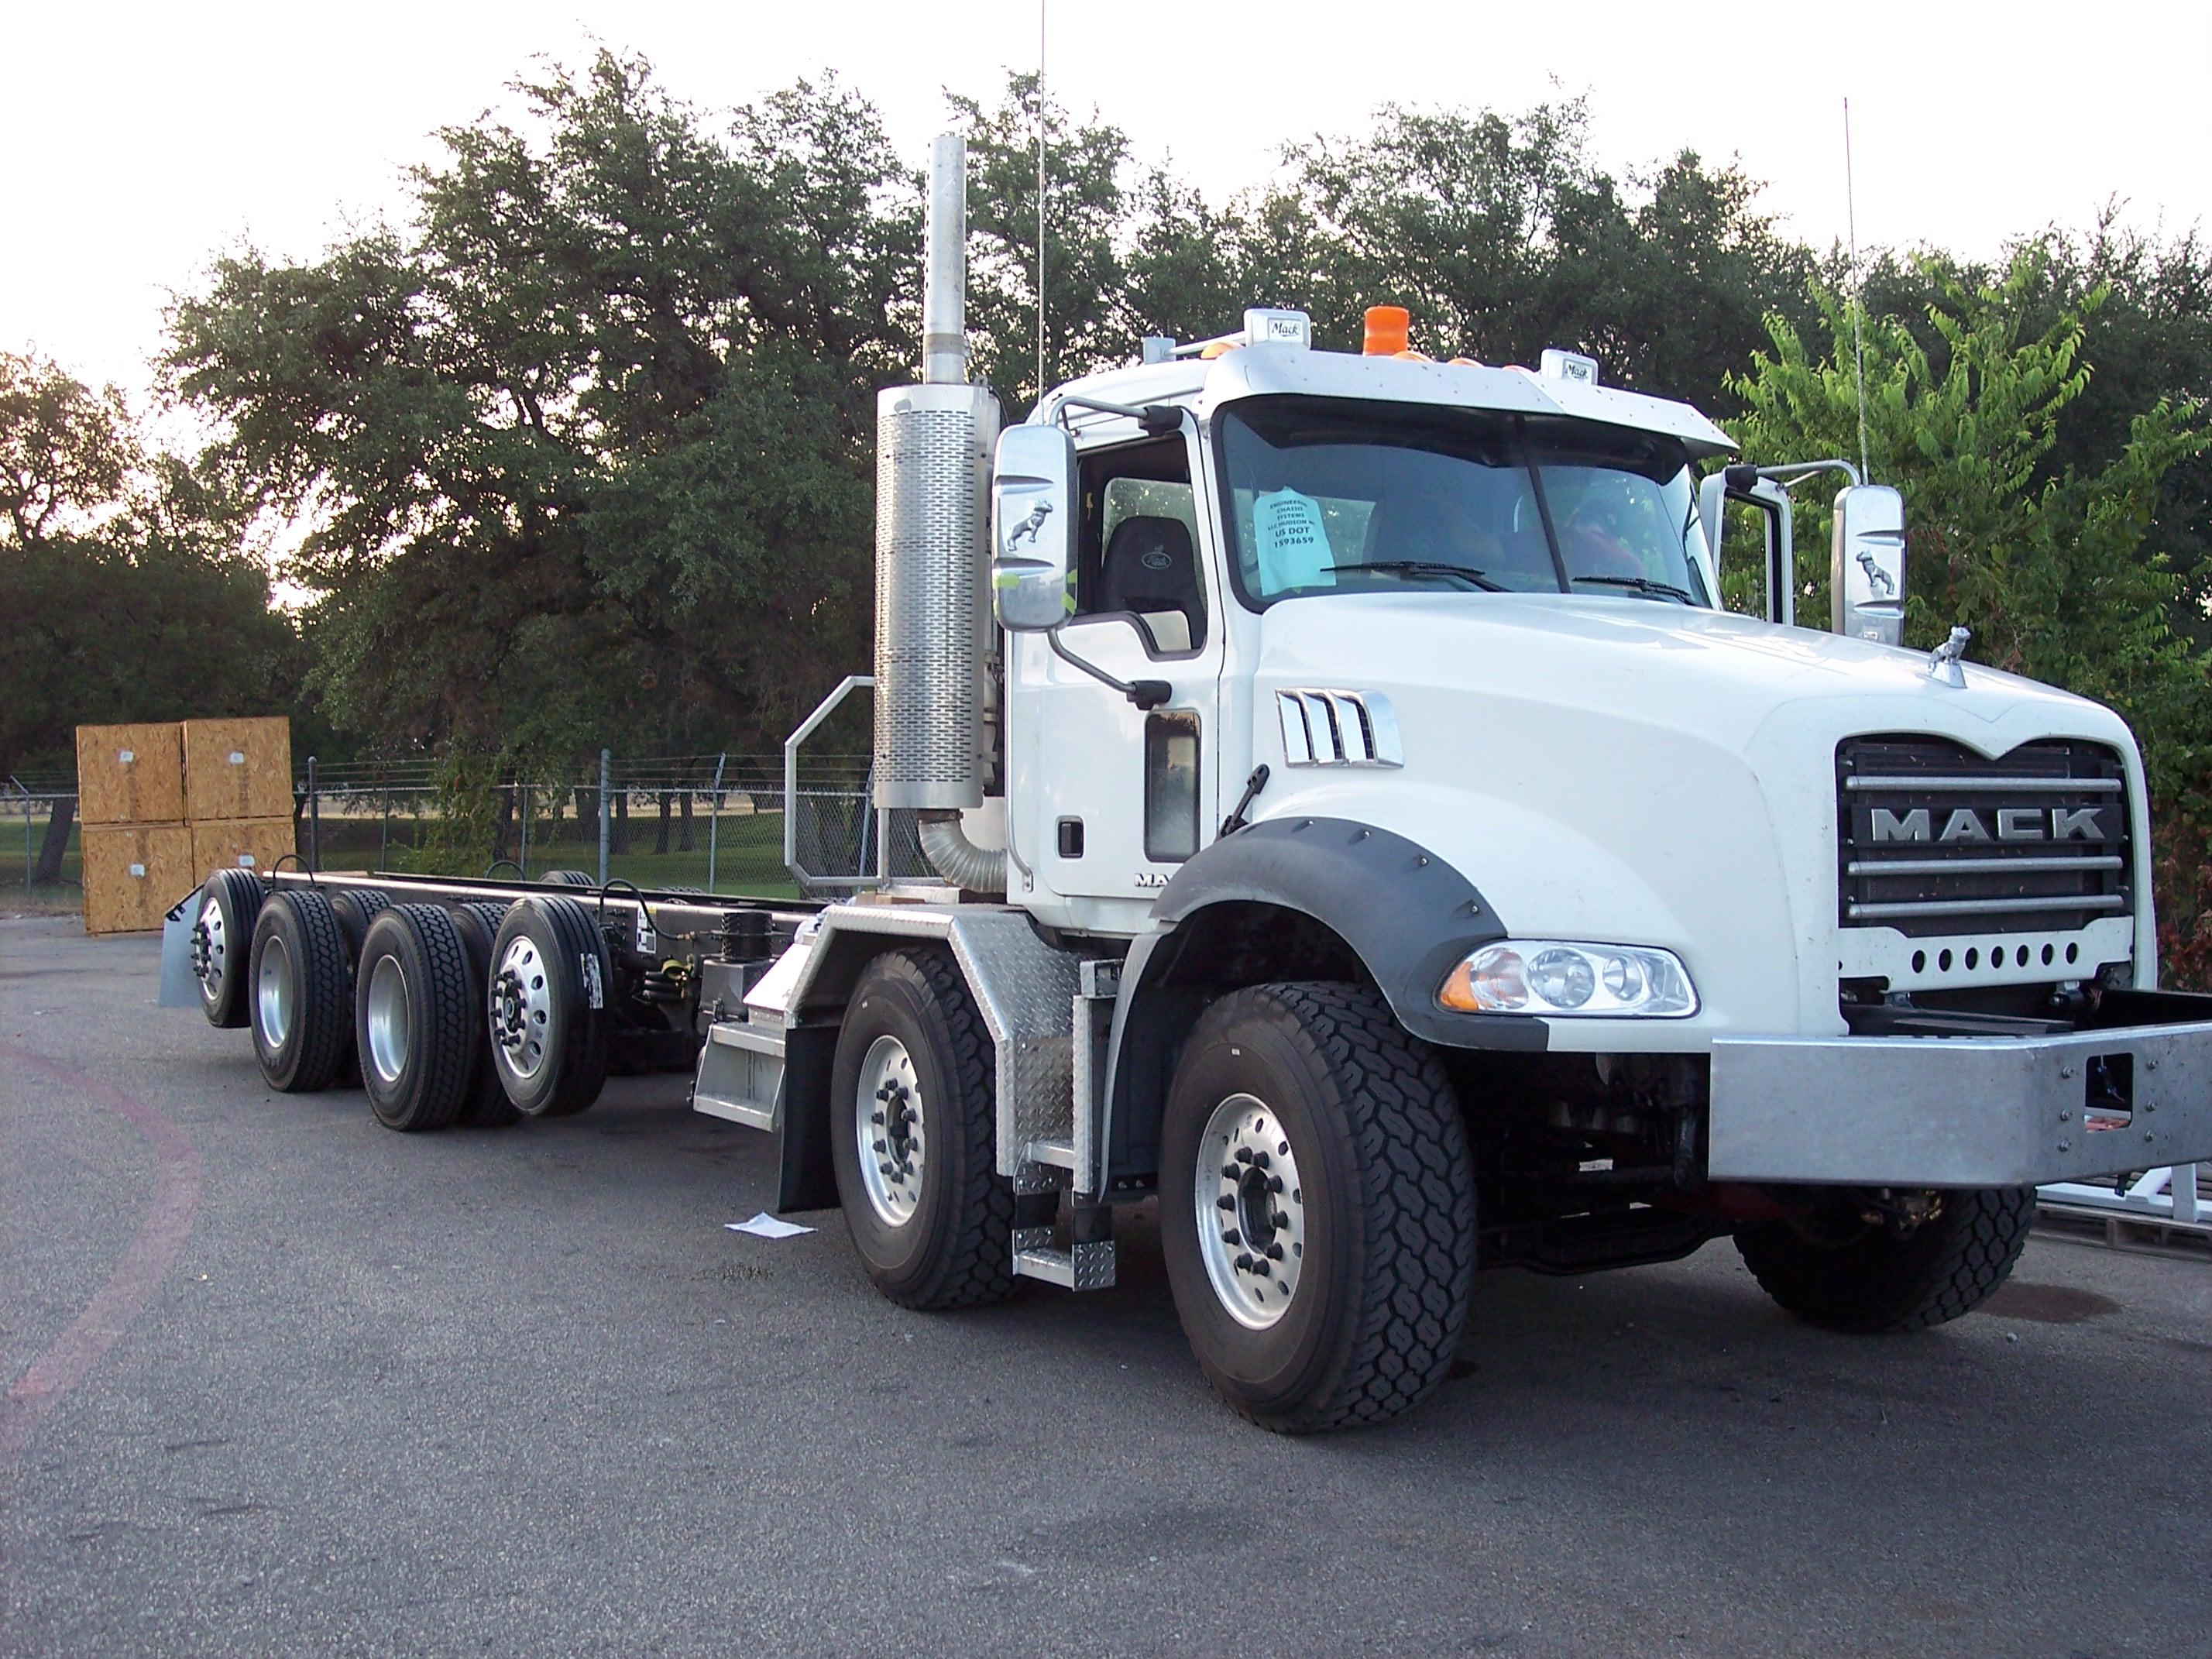 Autos Camiones Fondos De Pantalla Gratis: Camiones Mack Full HD Fondo De Pantalla And Fondo De